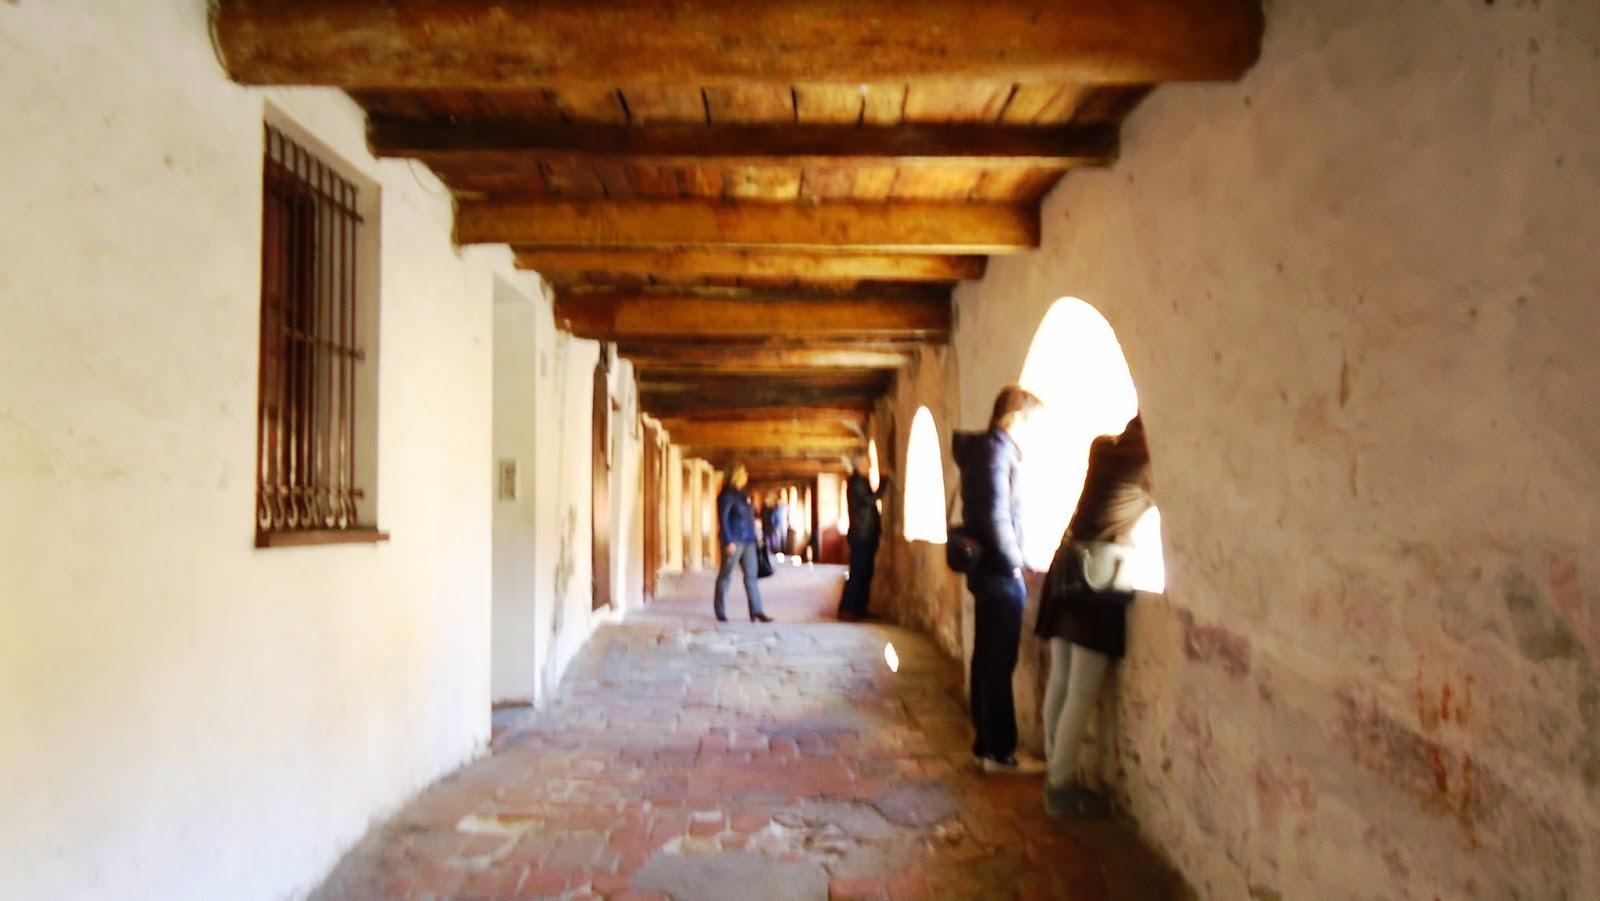 Brisighella, Antica via degli Asini - Foto di Monica Gatti La gatita sotto le due torri blog